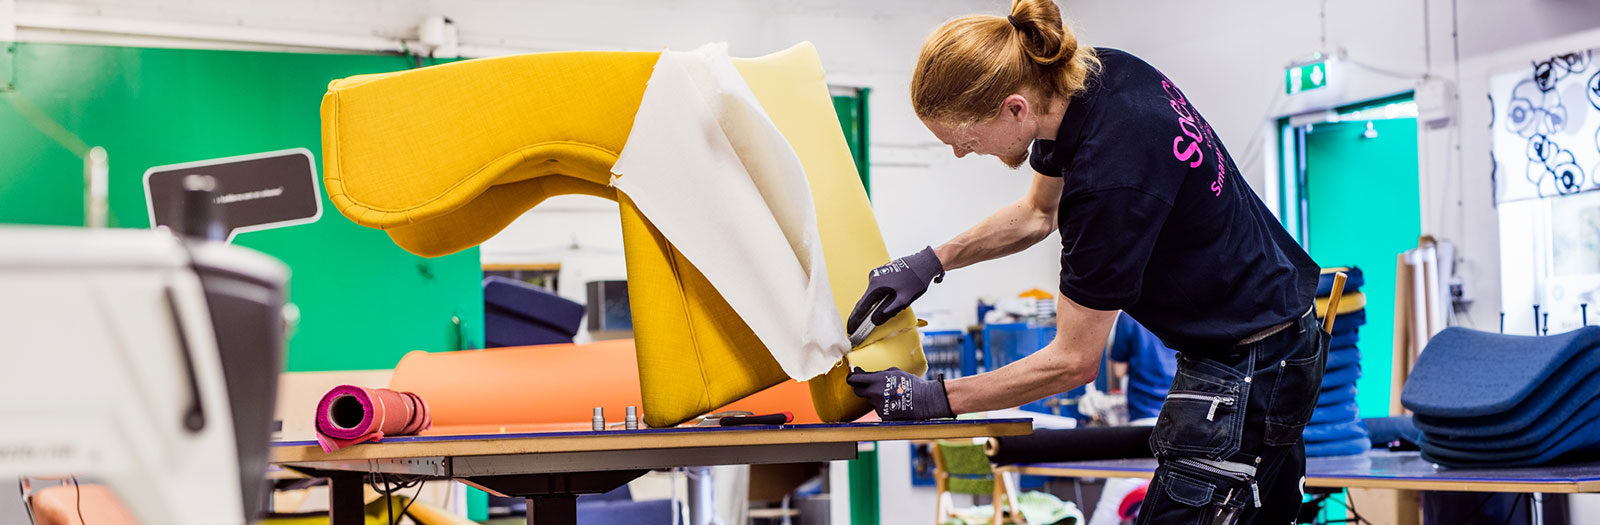 worker reupholstering armchair